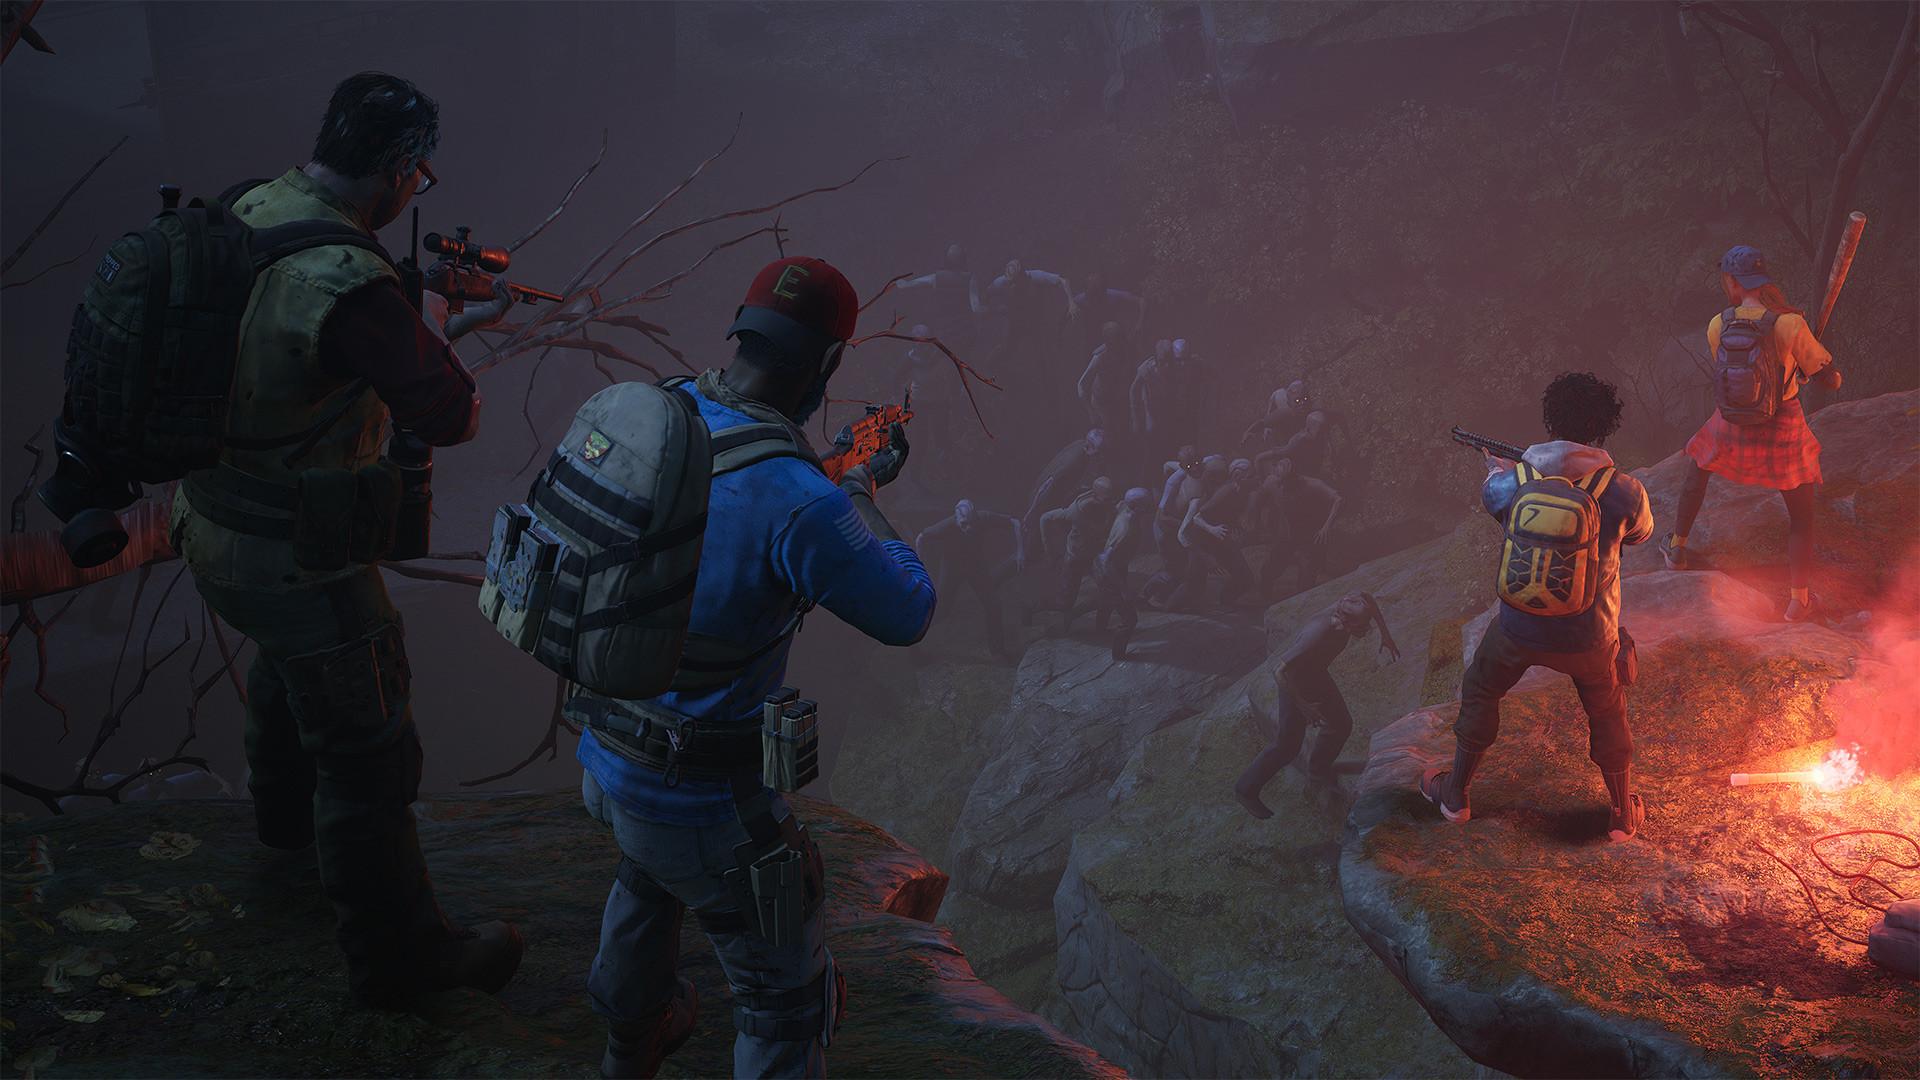 Сообщество недовольно тем, что в Back 4 Blood нельзя получать награды в одиночном режиме. Разработчики обещают разобраться